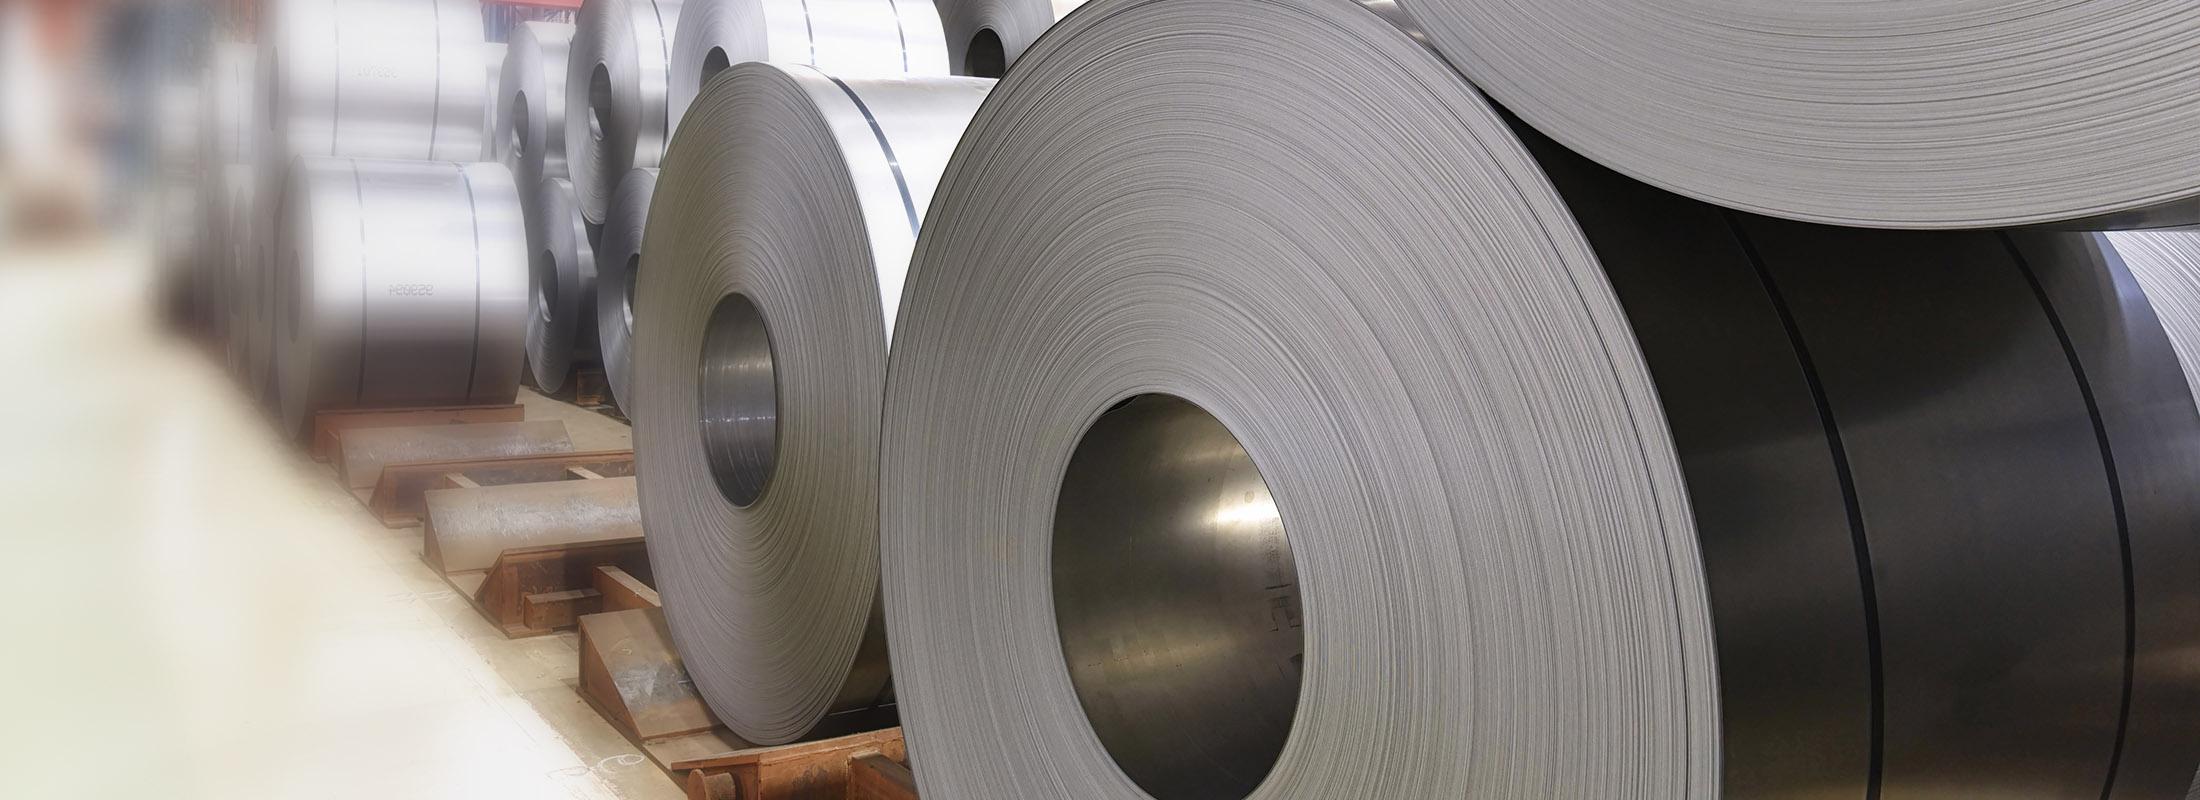 CPRO INDUSTRY SAP Branche Stahl- und Metallerzeugung